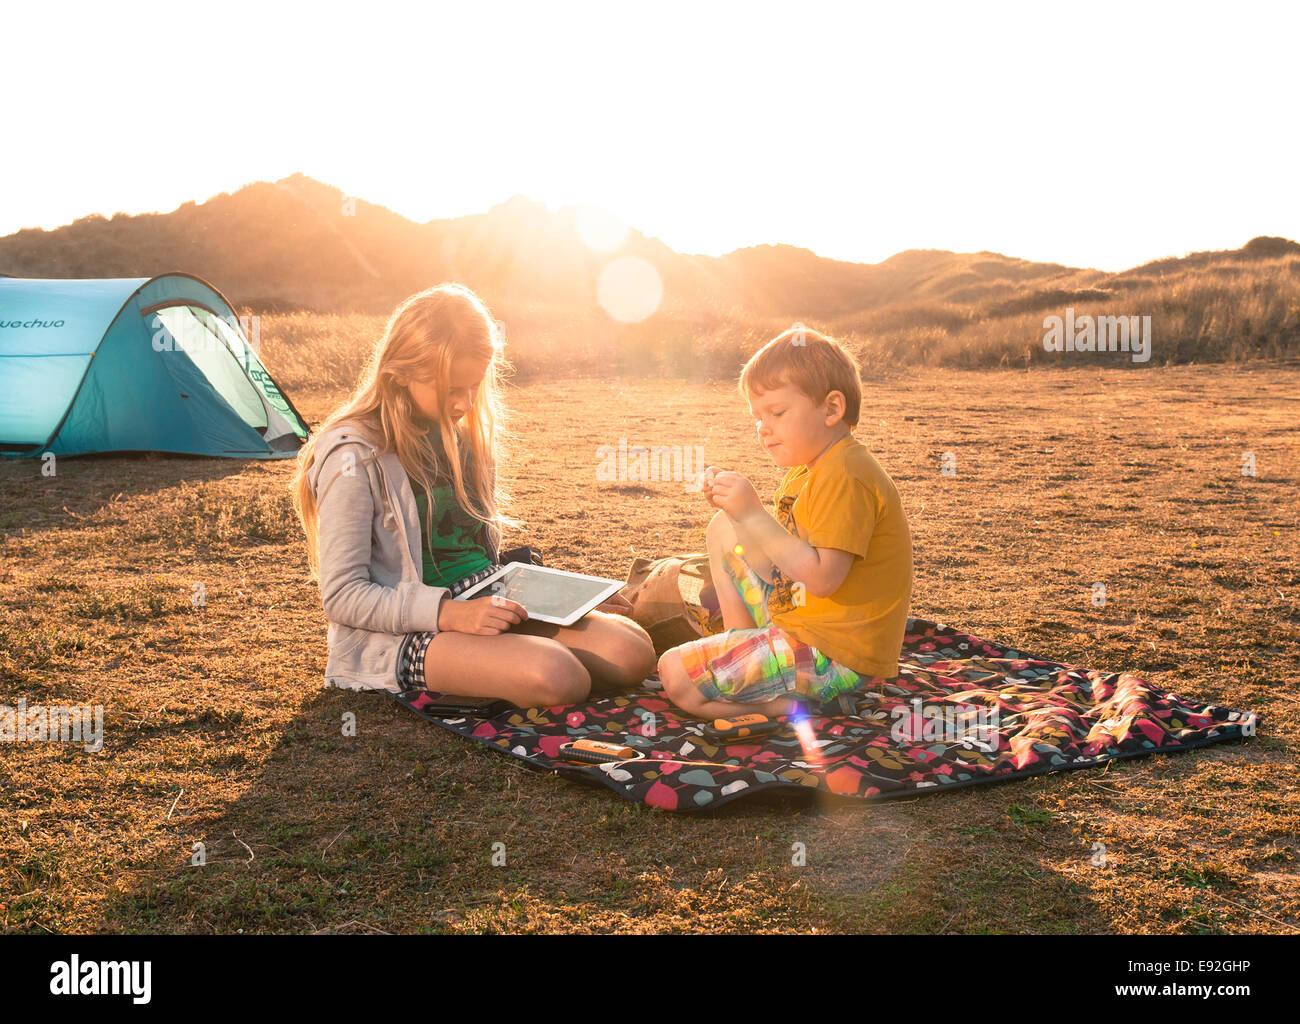 Les enfants camping à couverture de pique-nique avec l'ipad en été. Frère et sœur camp holiday in UK Angleterre Banque D'Images